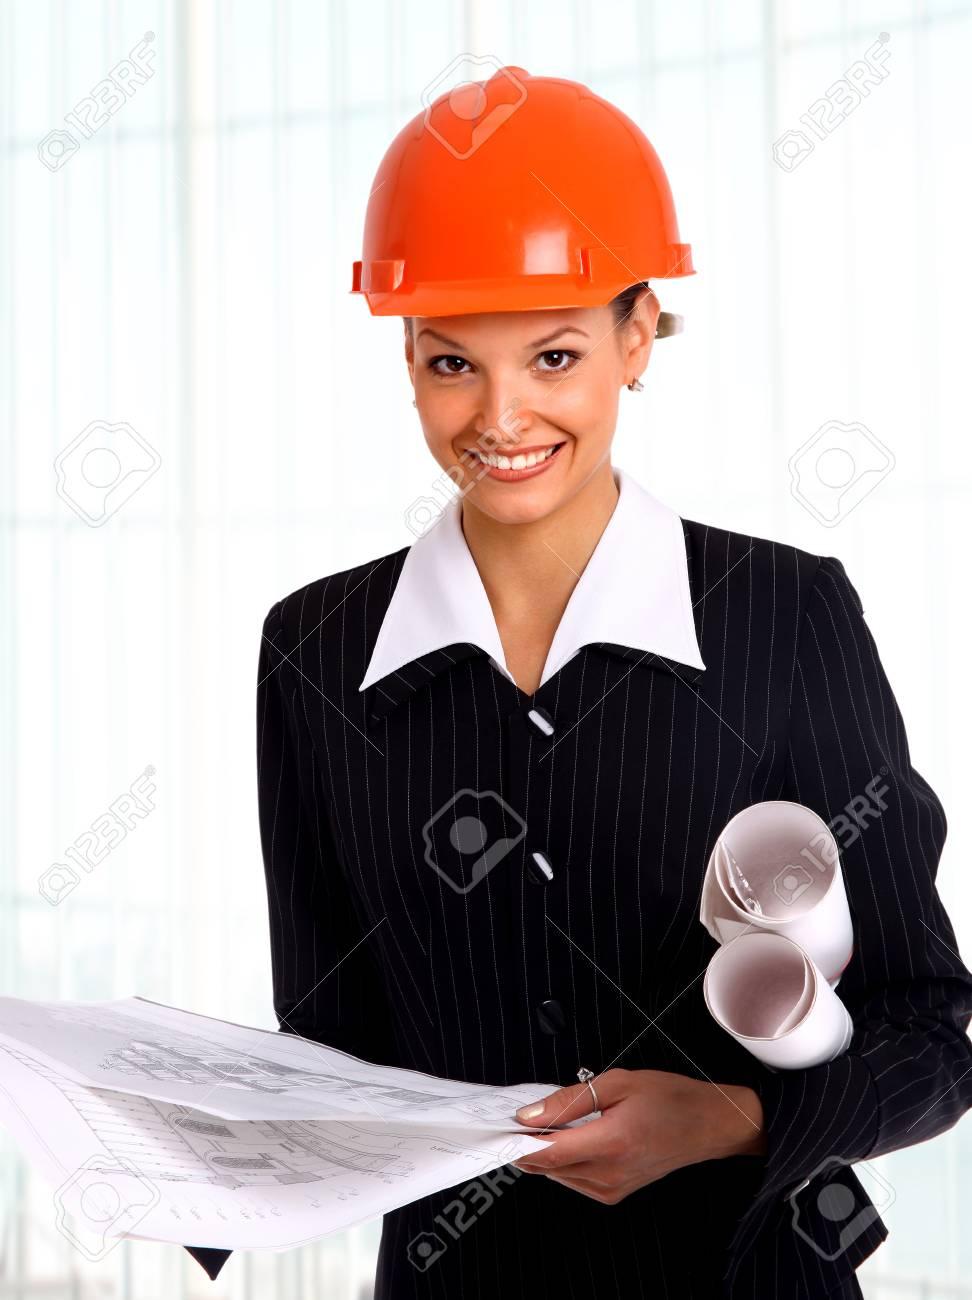 Female architect holding blueprints Stock Photo - 22402279